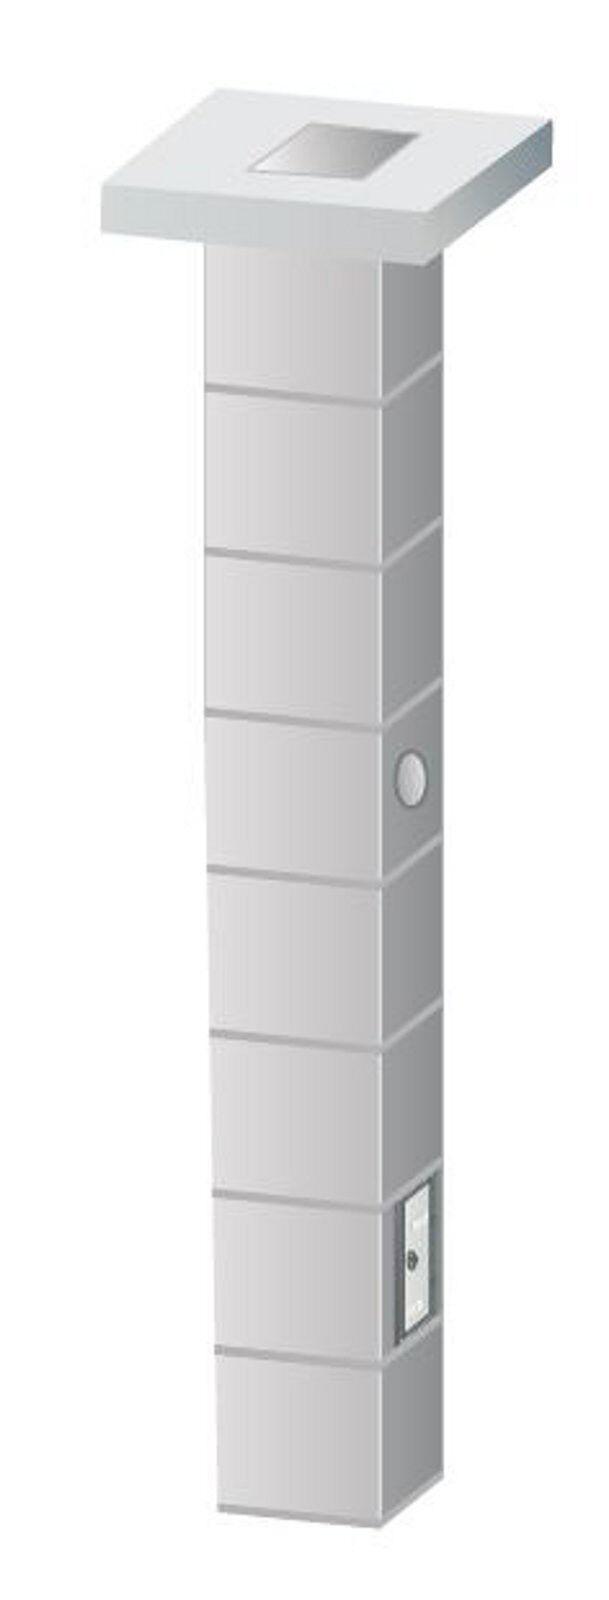 Schornstein Bausatz  Kamin einzügig Massiv 20x20 cm 6 m Kaminrohr Esse